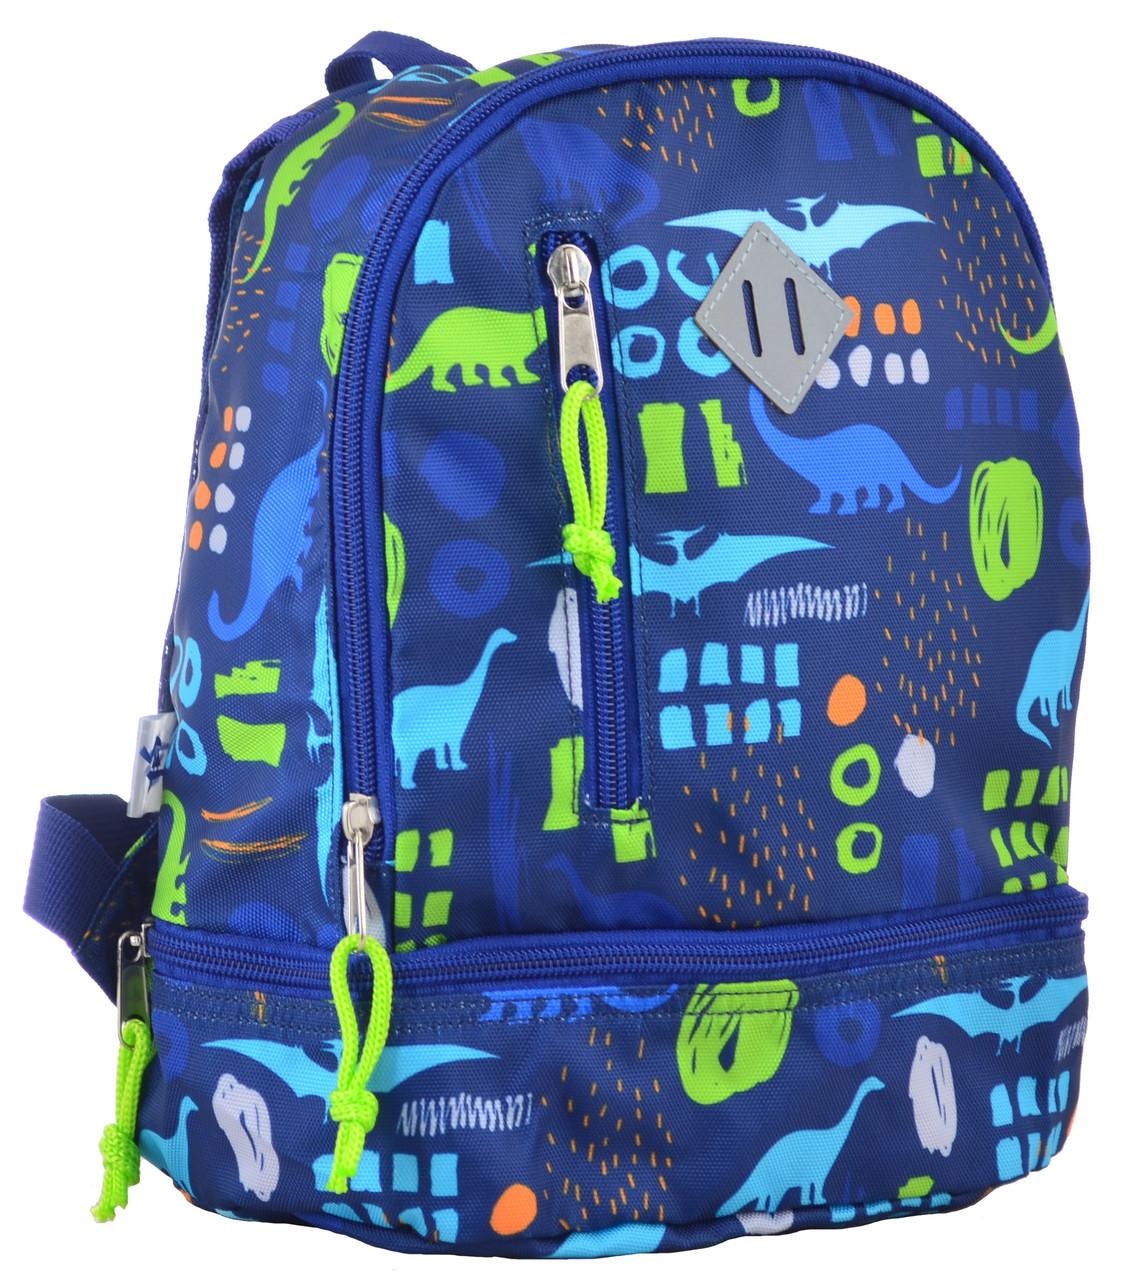 ea10e8b4a80e Рюкзак детский K-21 Dinosaurs, 27*21.5*11.5 555318: продажа, цена в ...